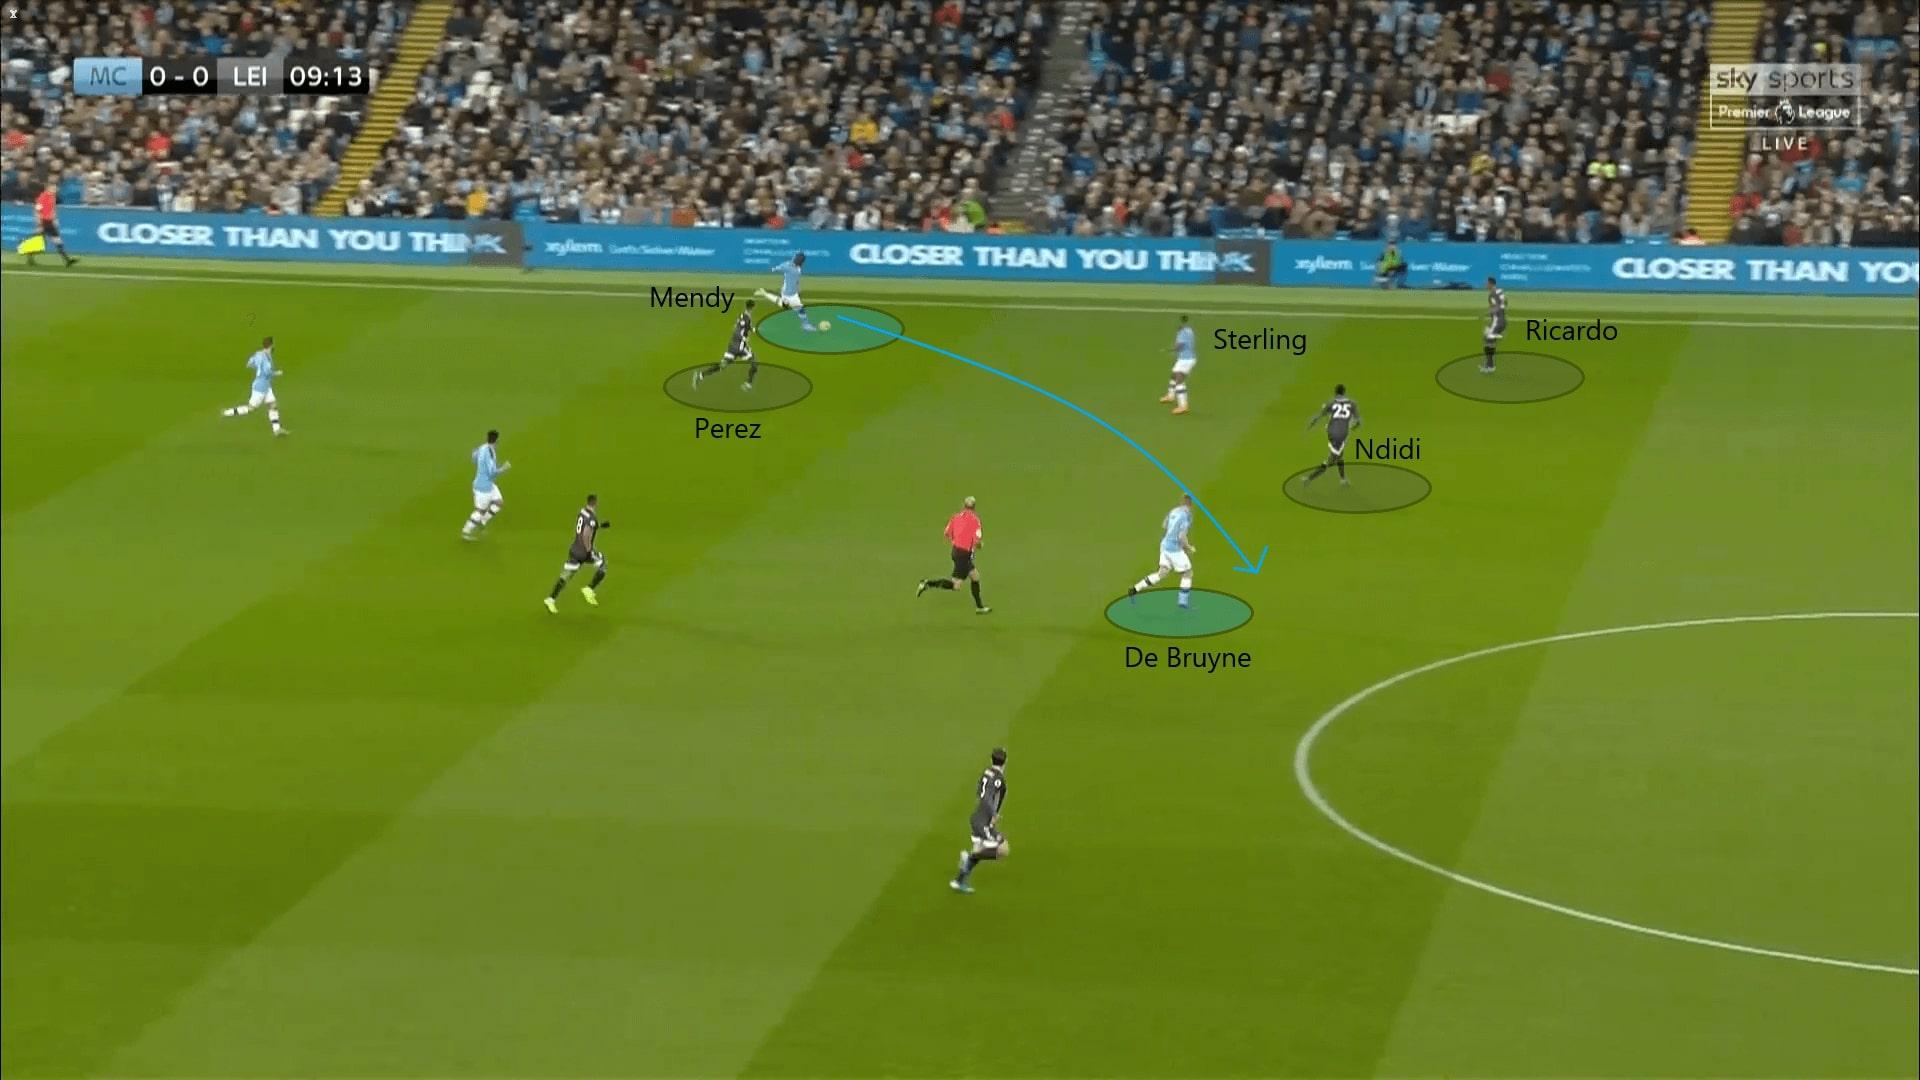 Benjamin Mendy 2019/20 - scout report - tactical analysis tactics